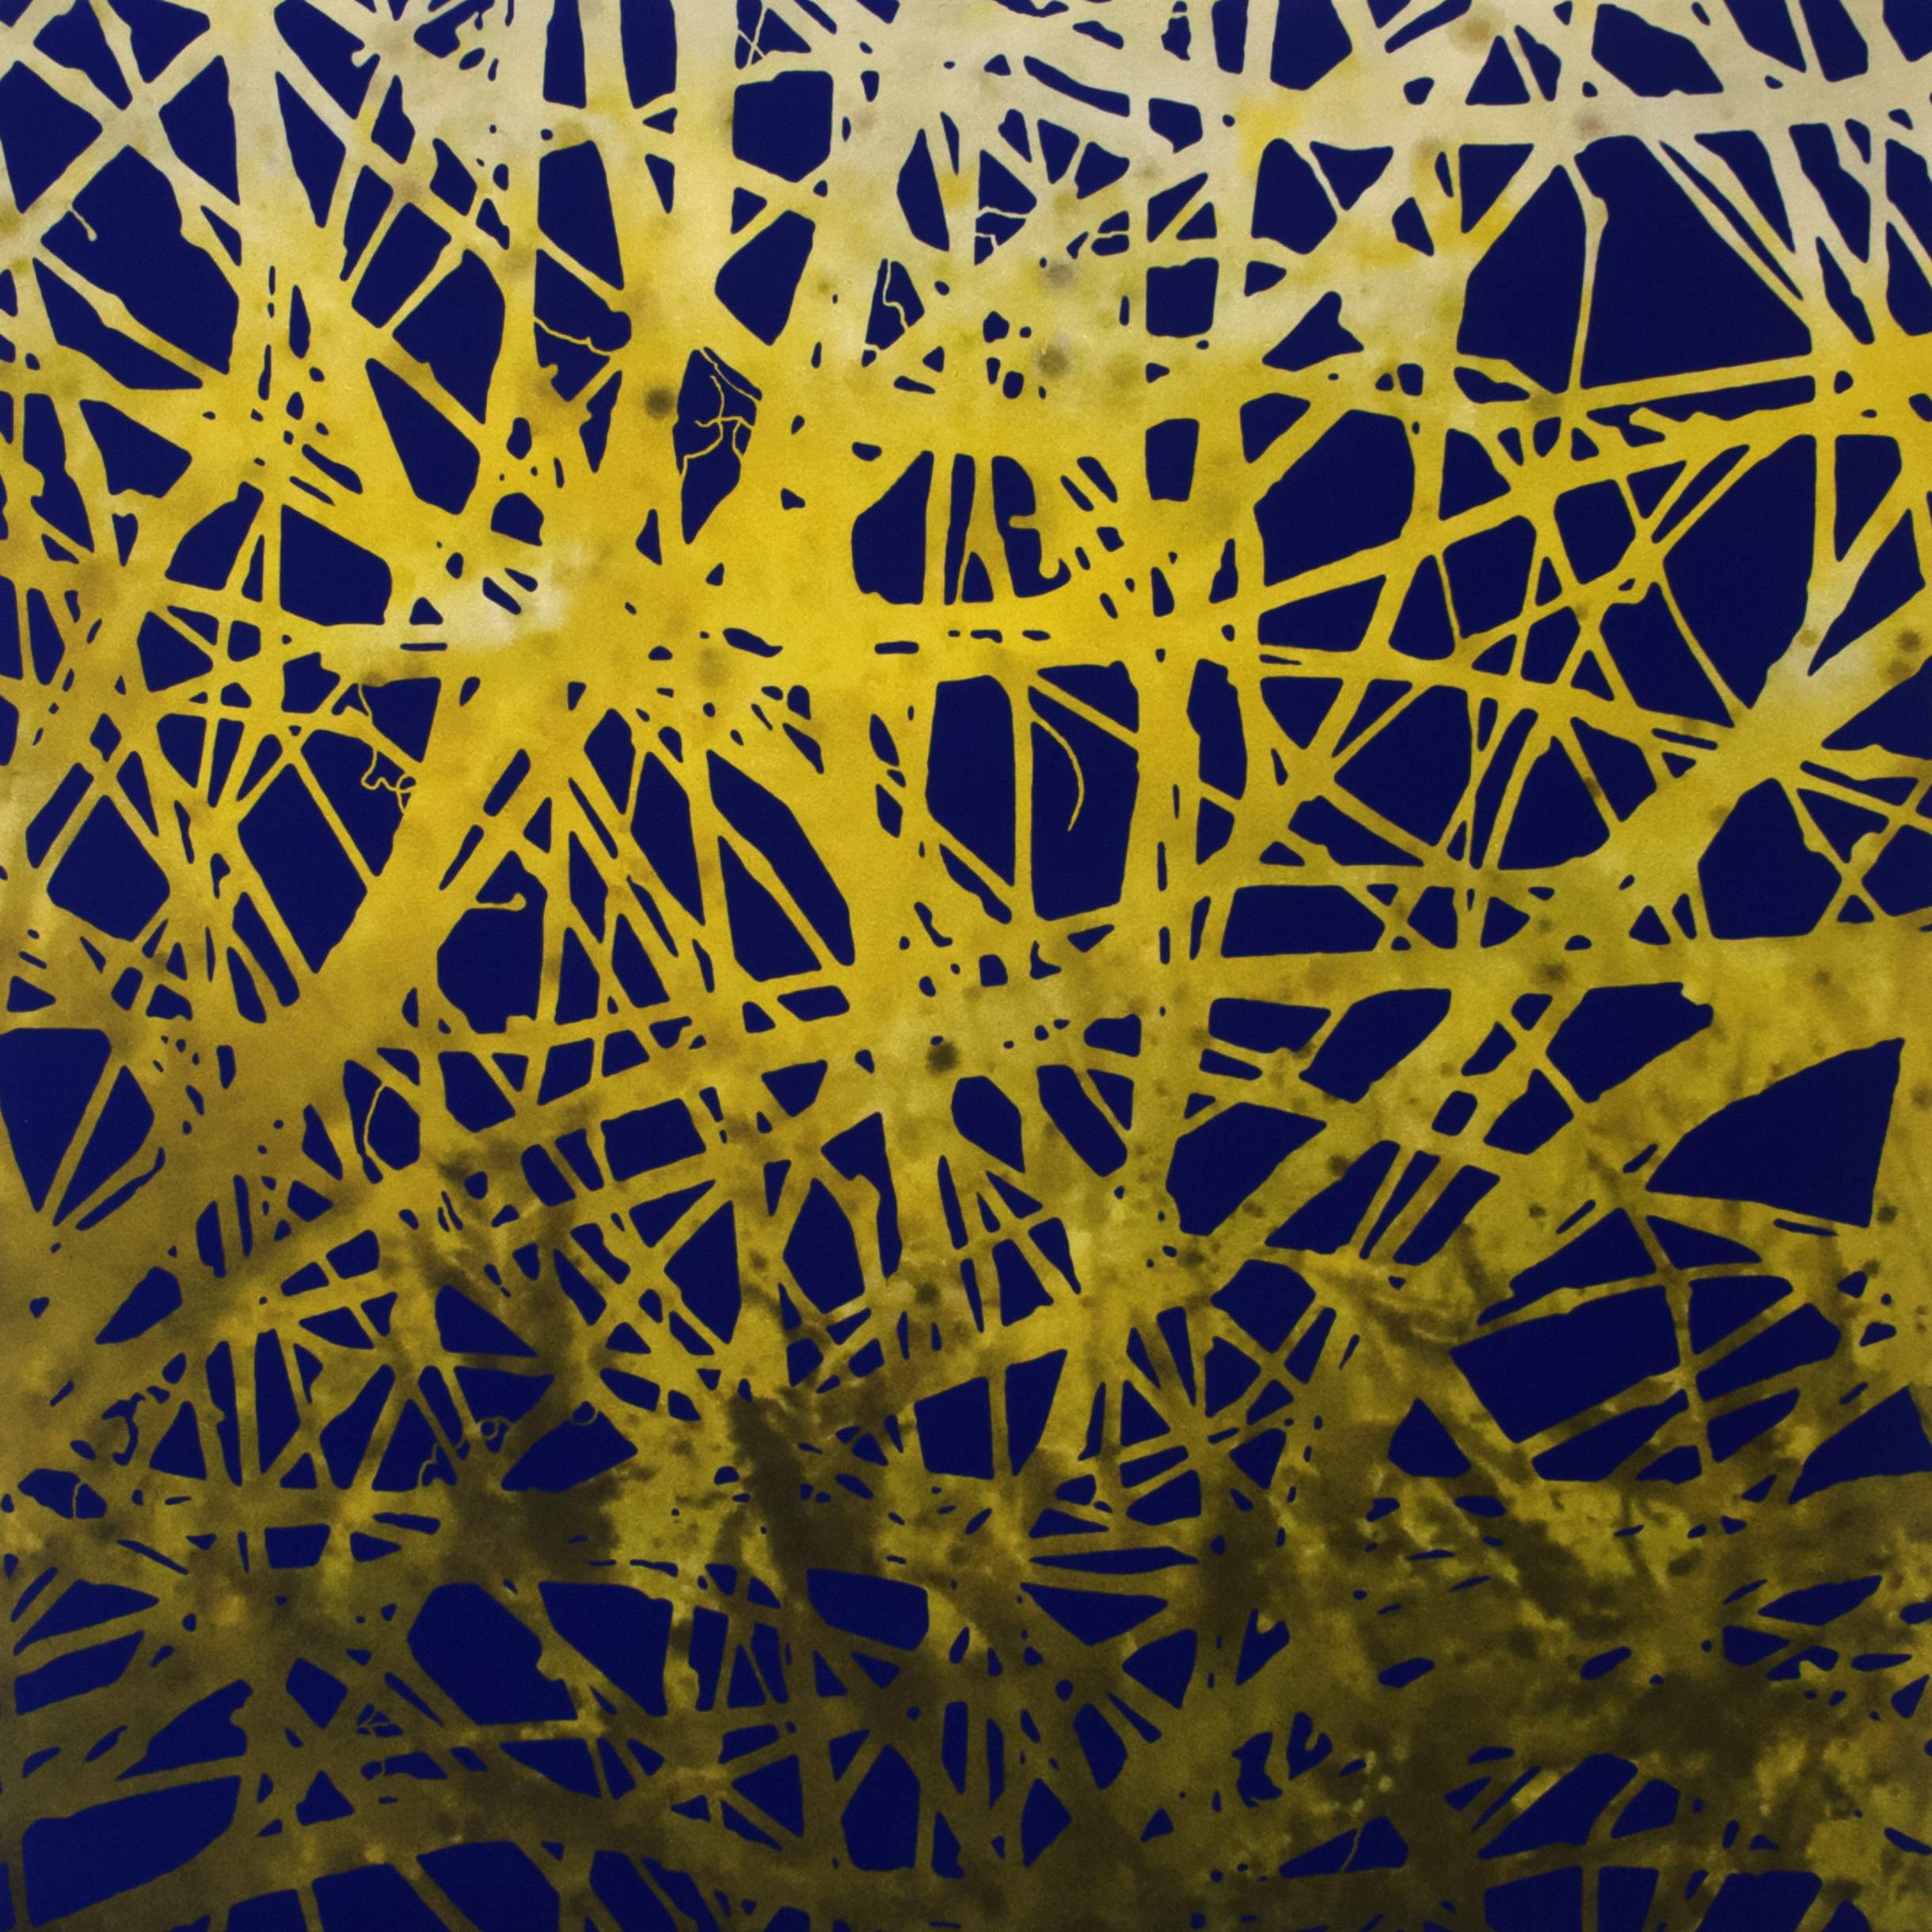 Liens II  impression jet d'encre pigmentaire sur toile marouflée sur panneau de bois 1/1  91 x 91 cm